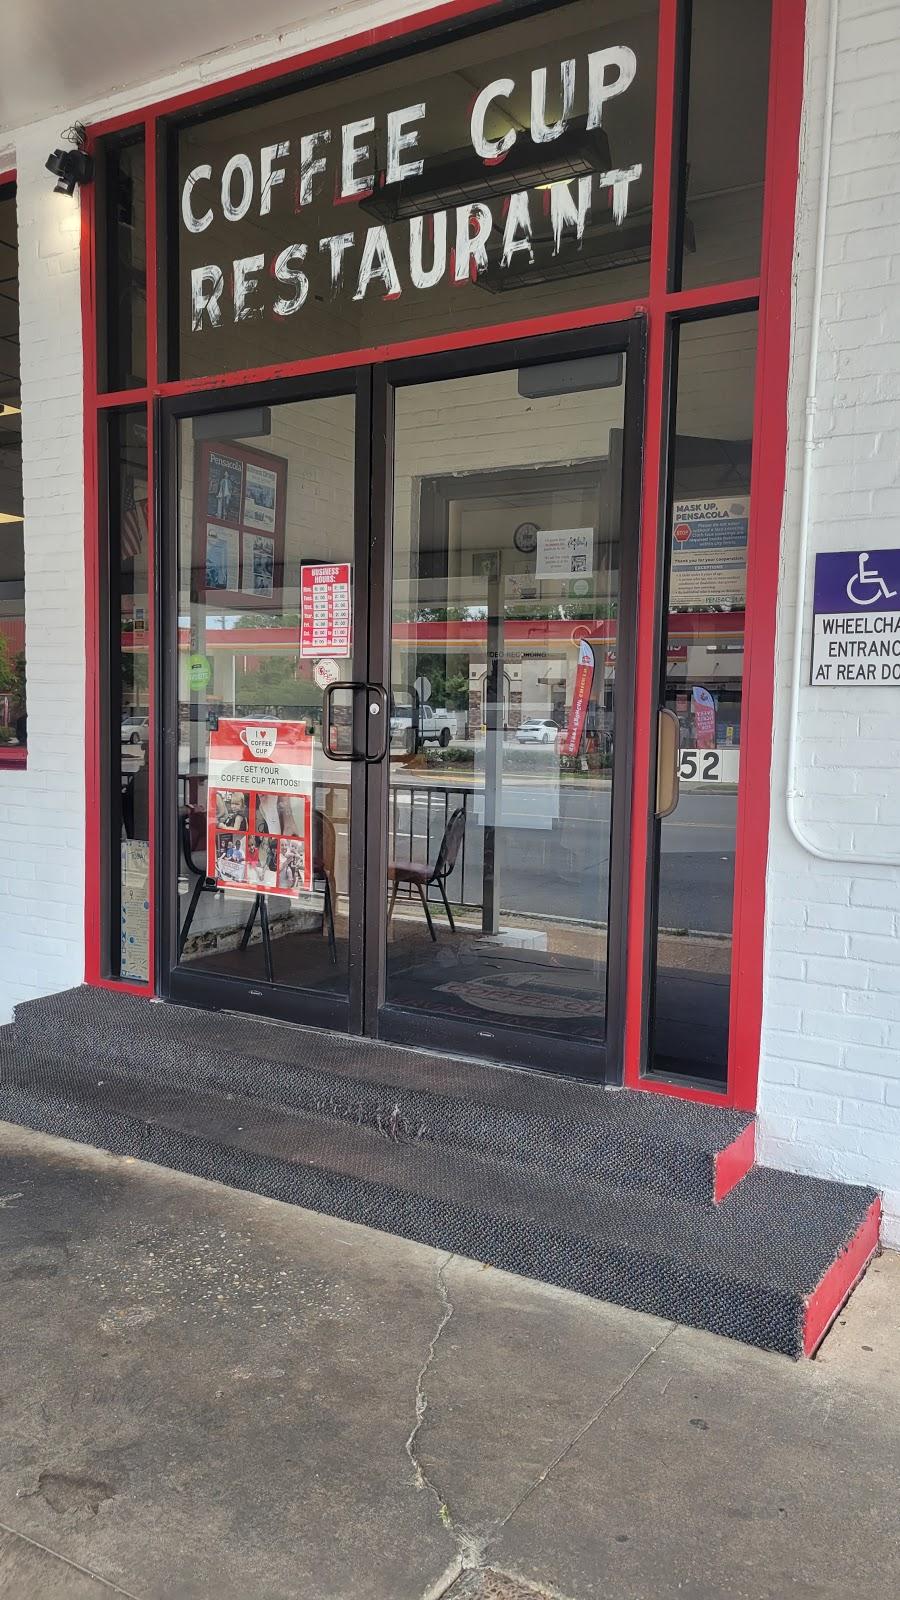 Coffee Cup Restaurant | restaurant | 520 E Cervantes St, Pensacola, FL 32501, USA | 8504327060 OR +1 850-432-7060